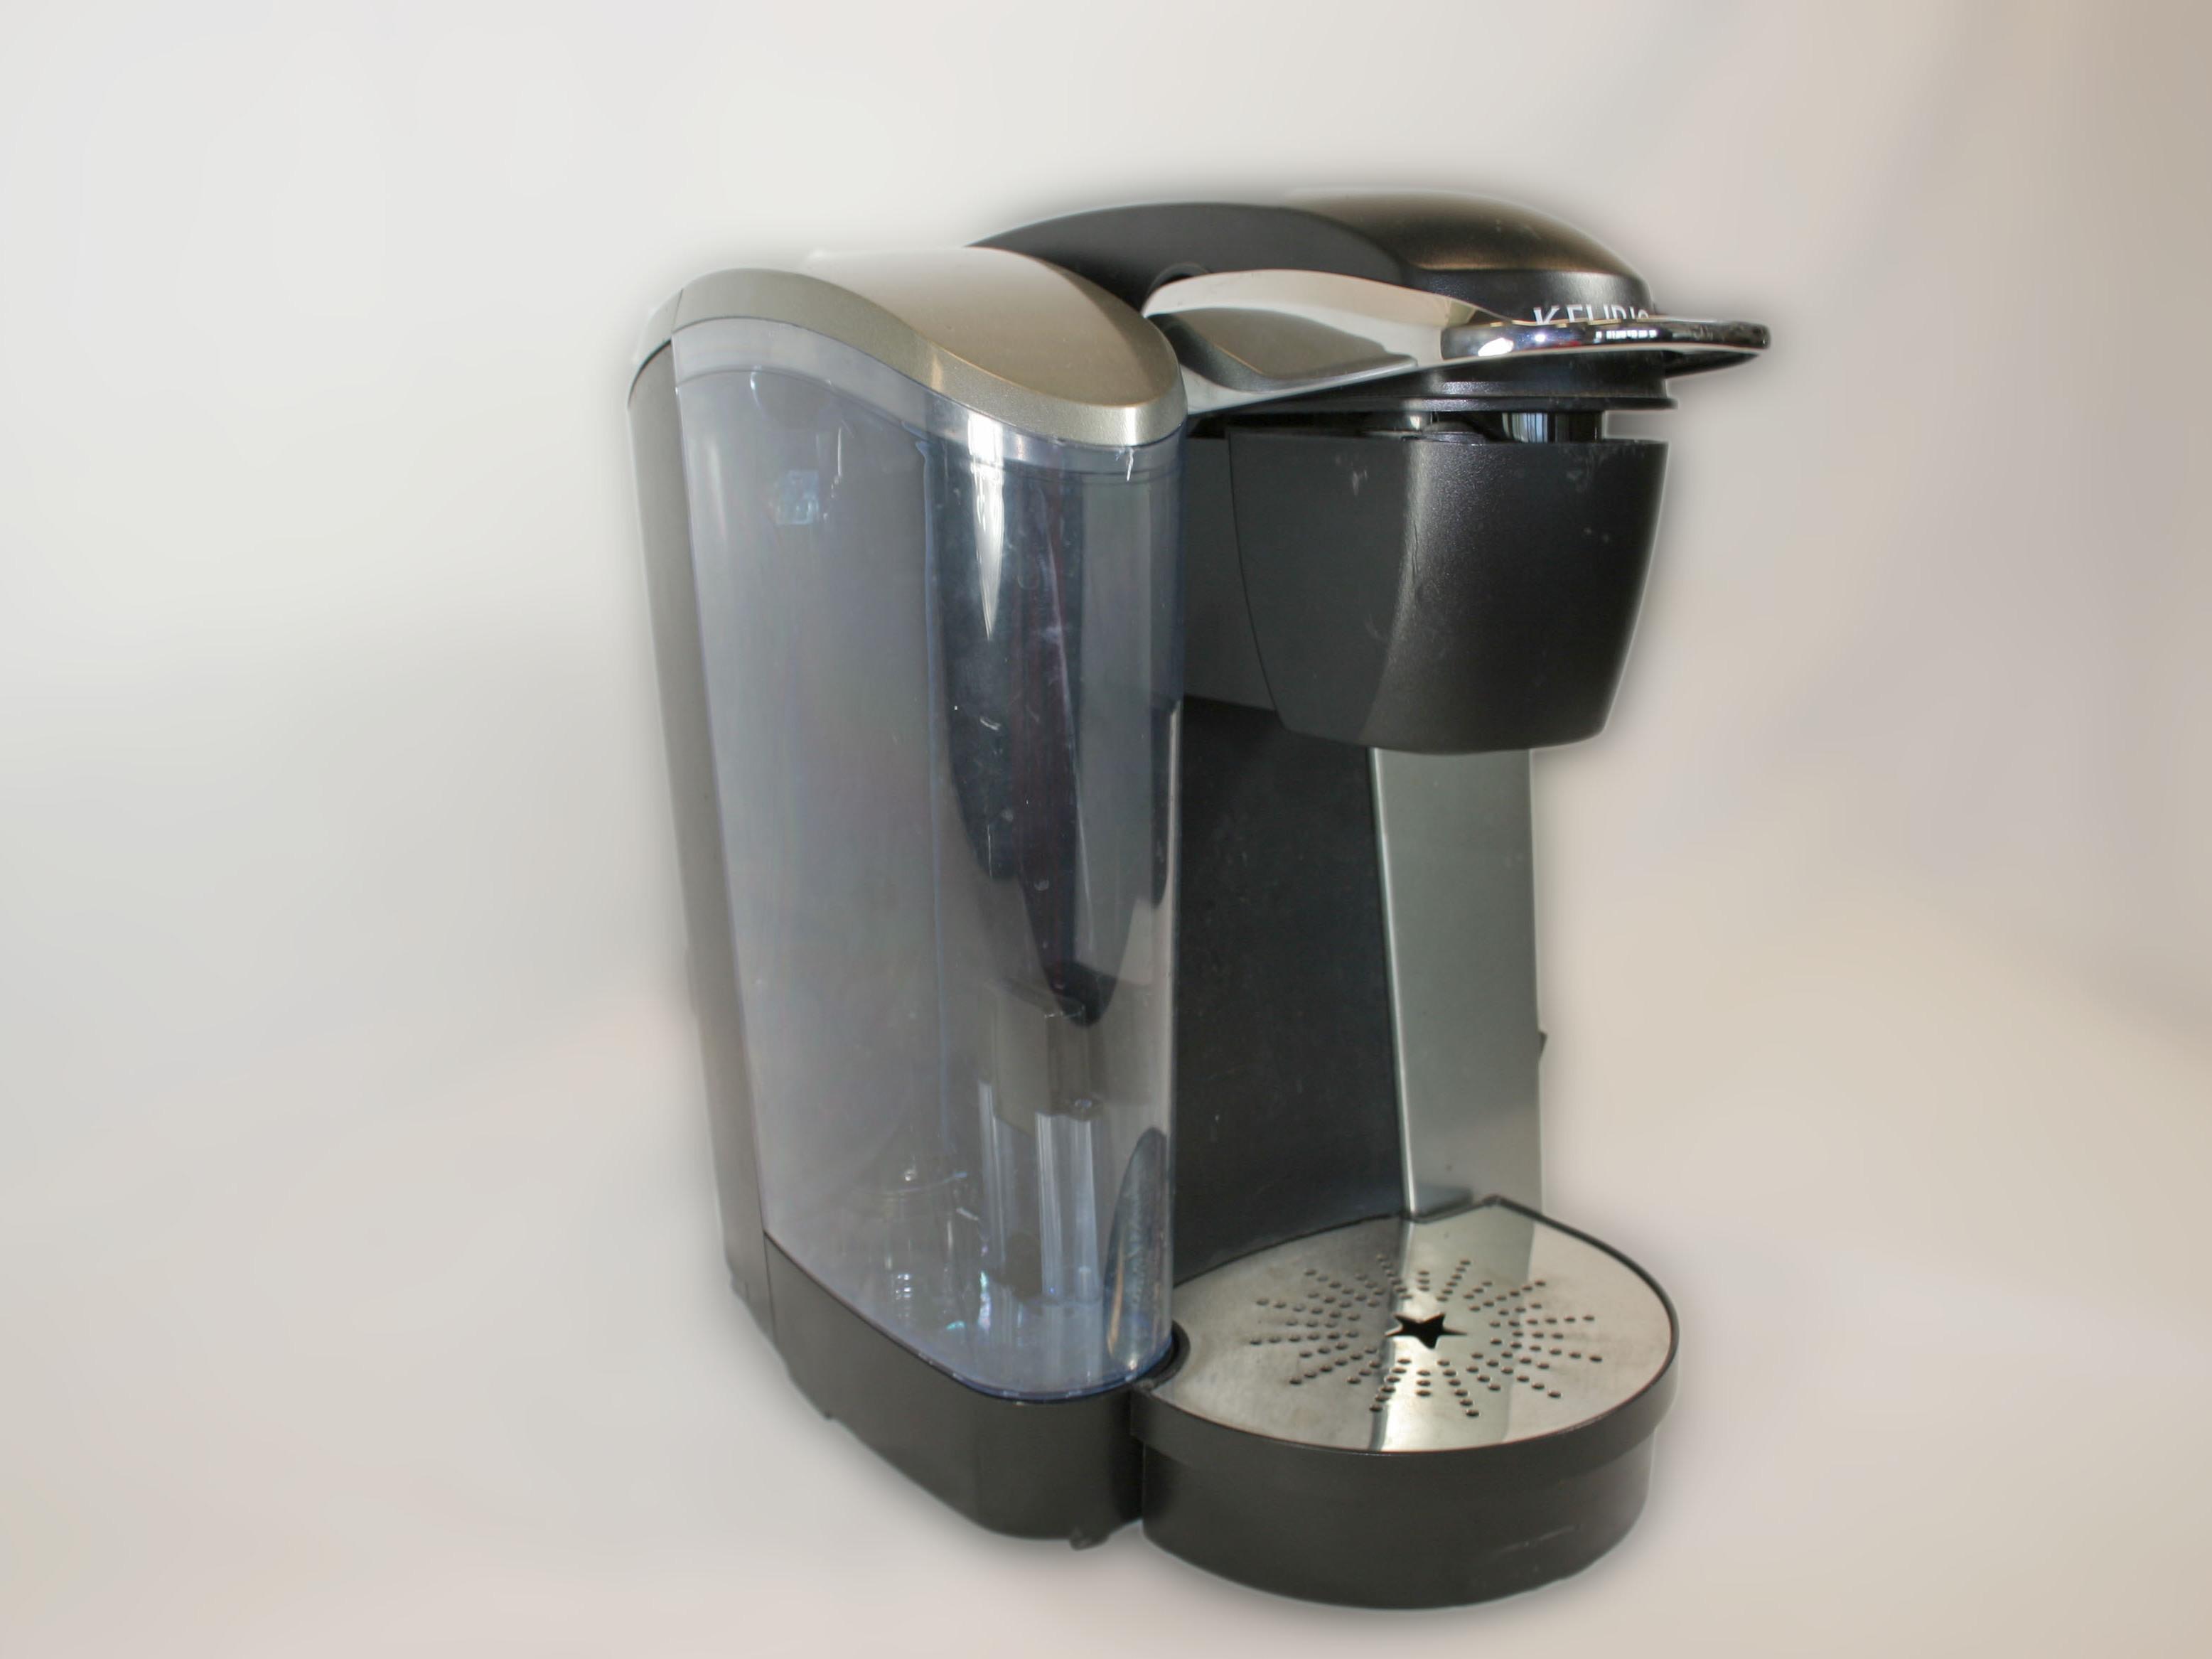 Keurig Coffee Maker K75 : Adjusting Keurig K75 Platinum Brewing System Reservoir Magnet - iFixit